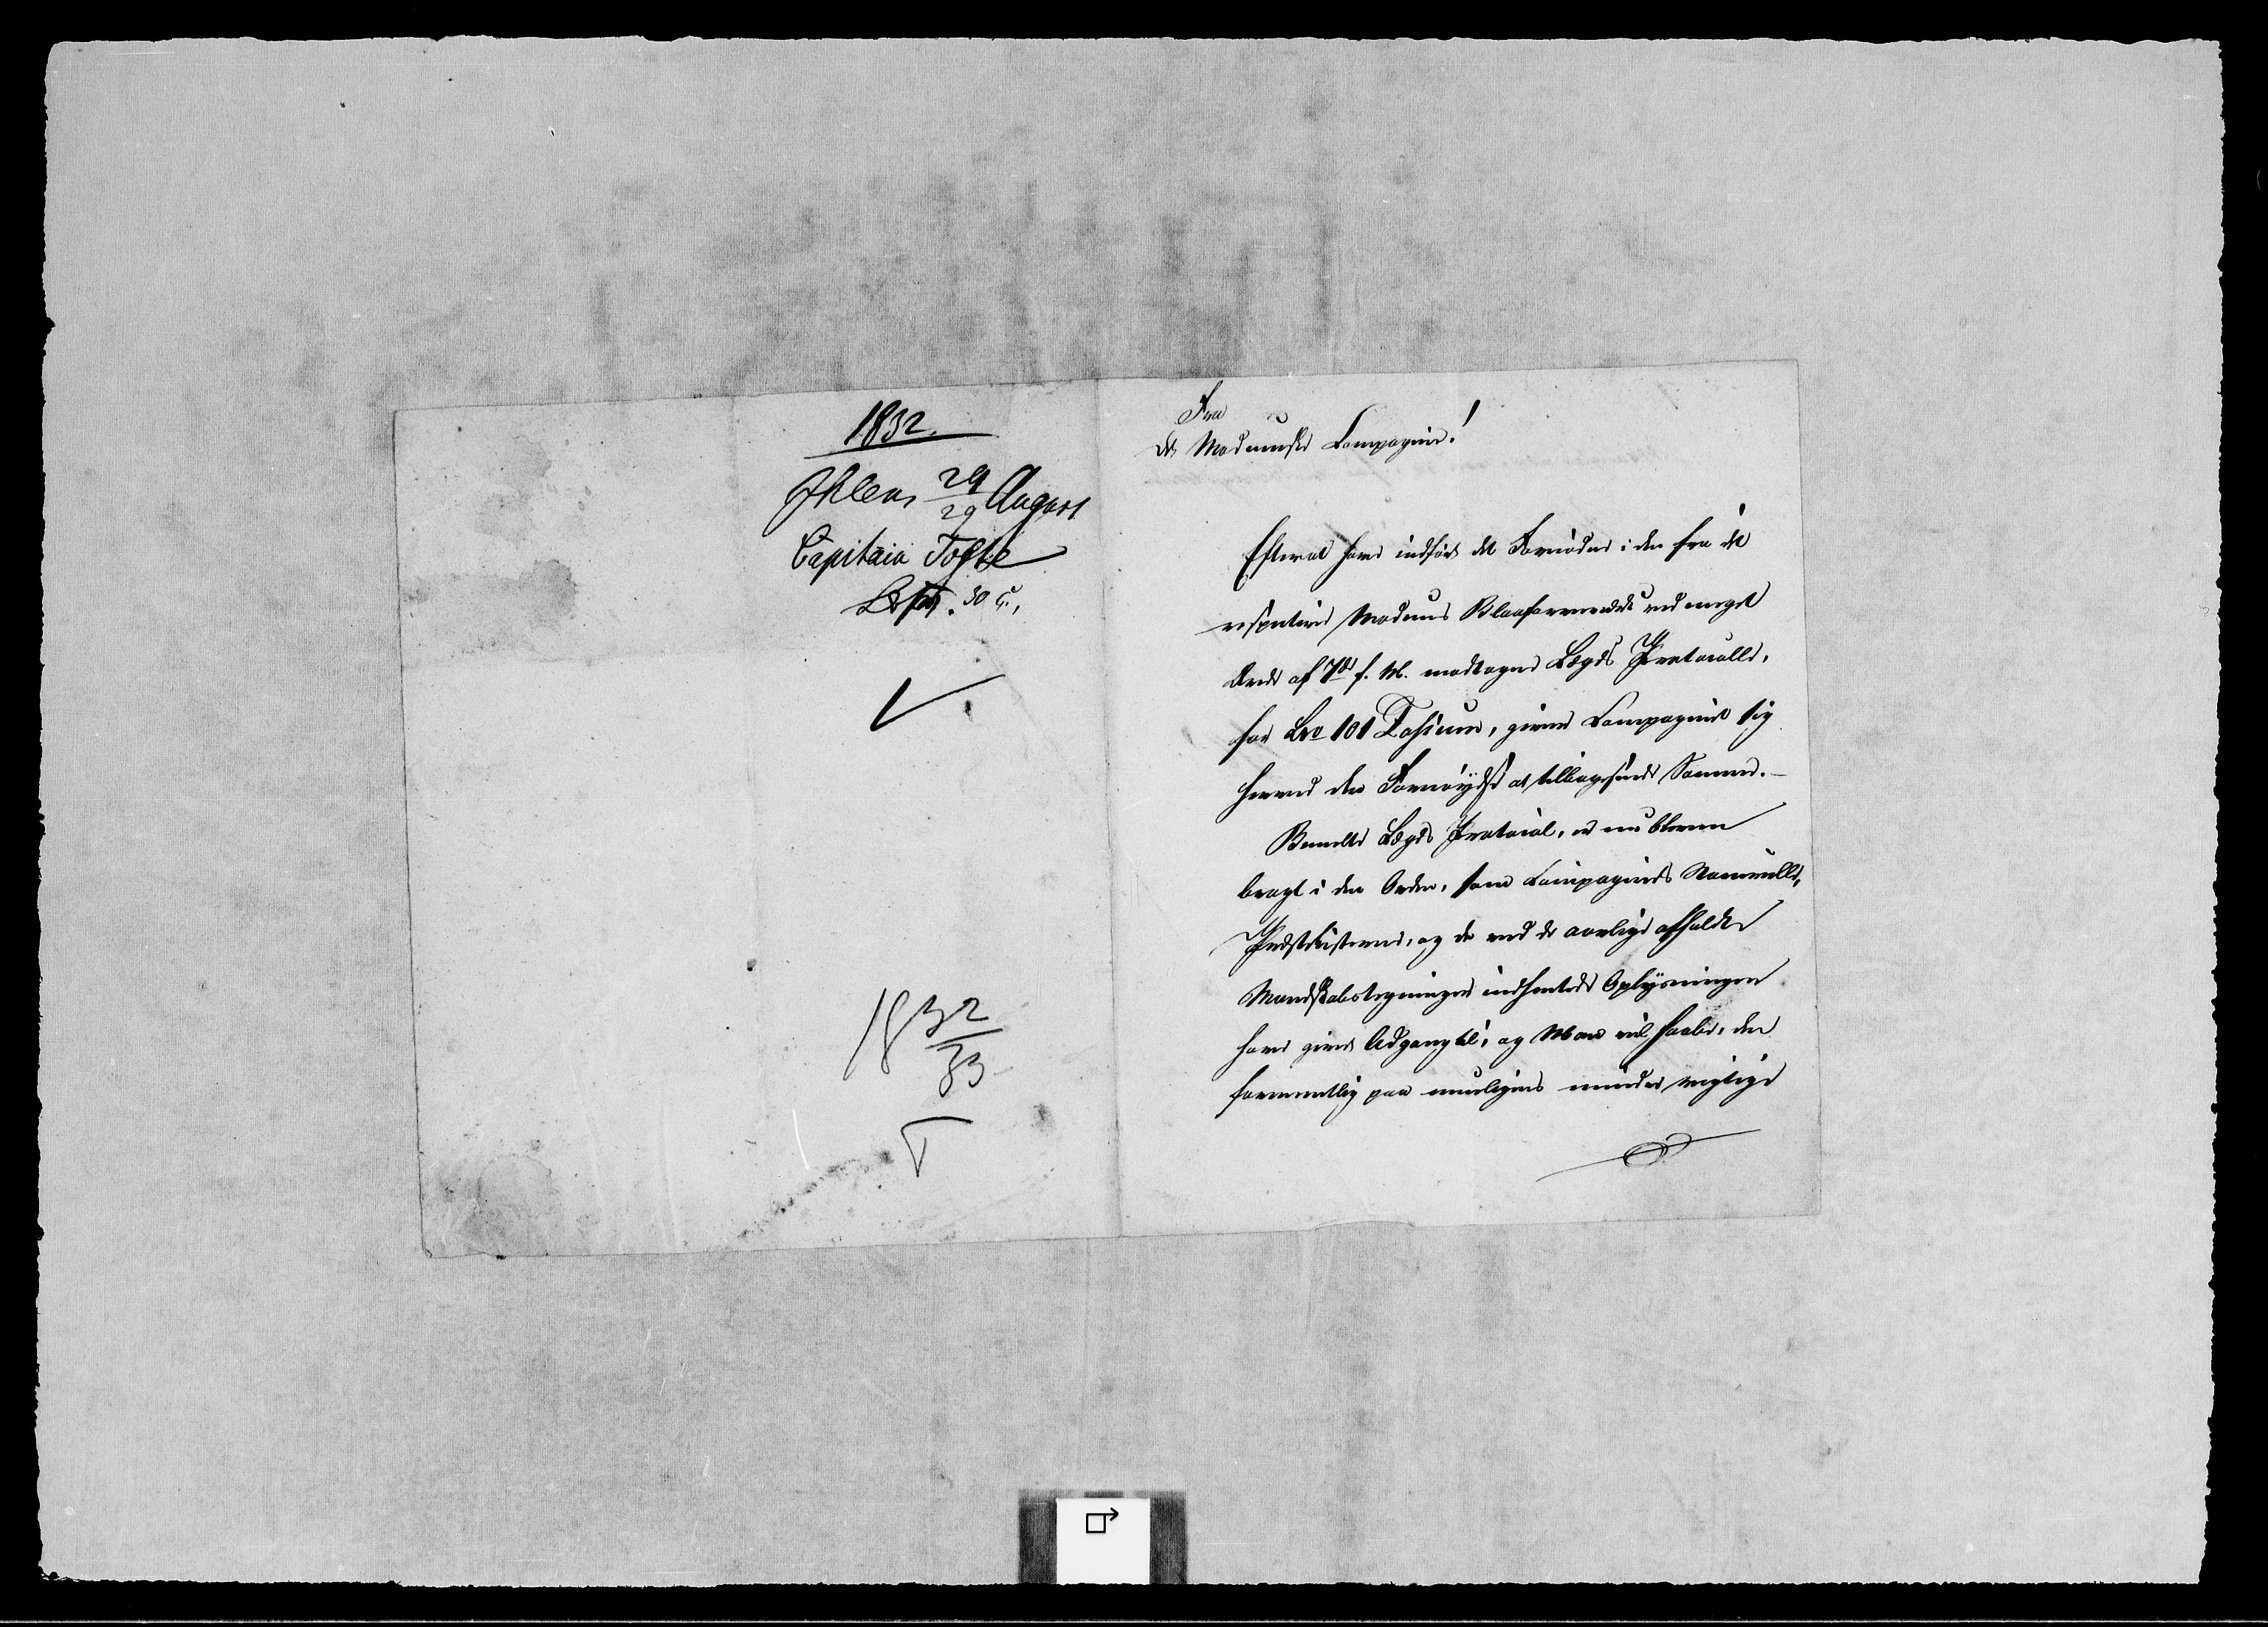 RA, Modums Blaafarveværk, G/Gb/L0110, 1832-1833, s. 2